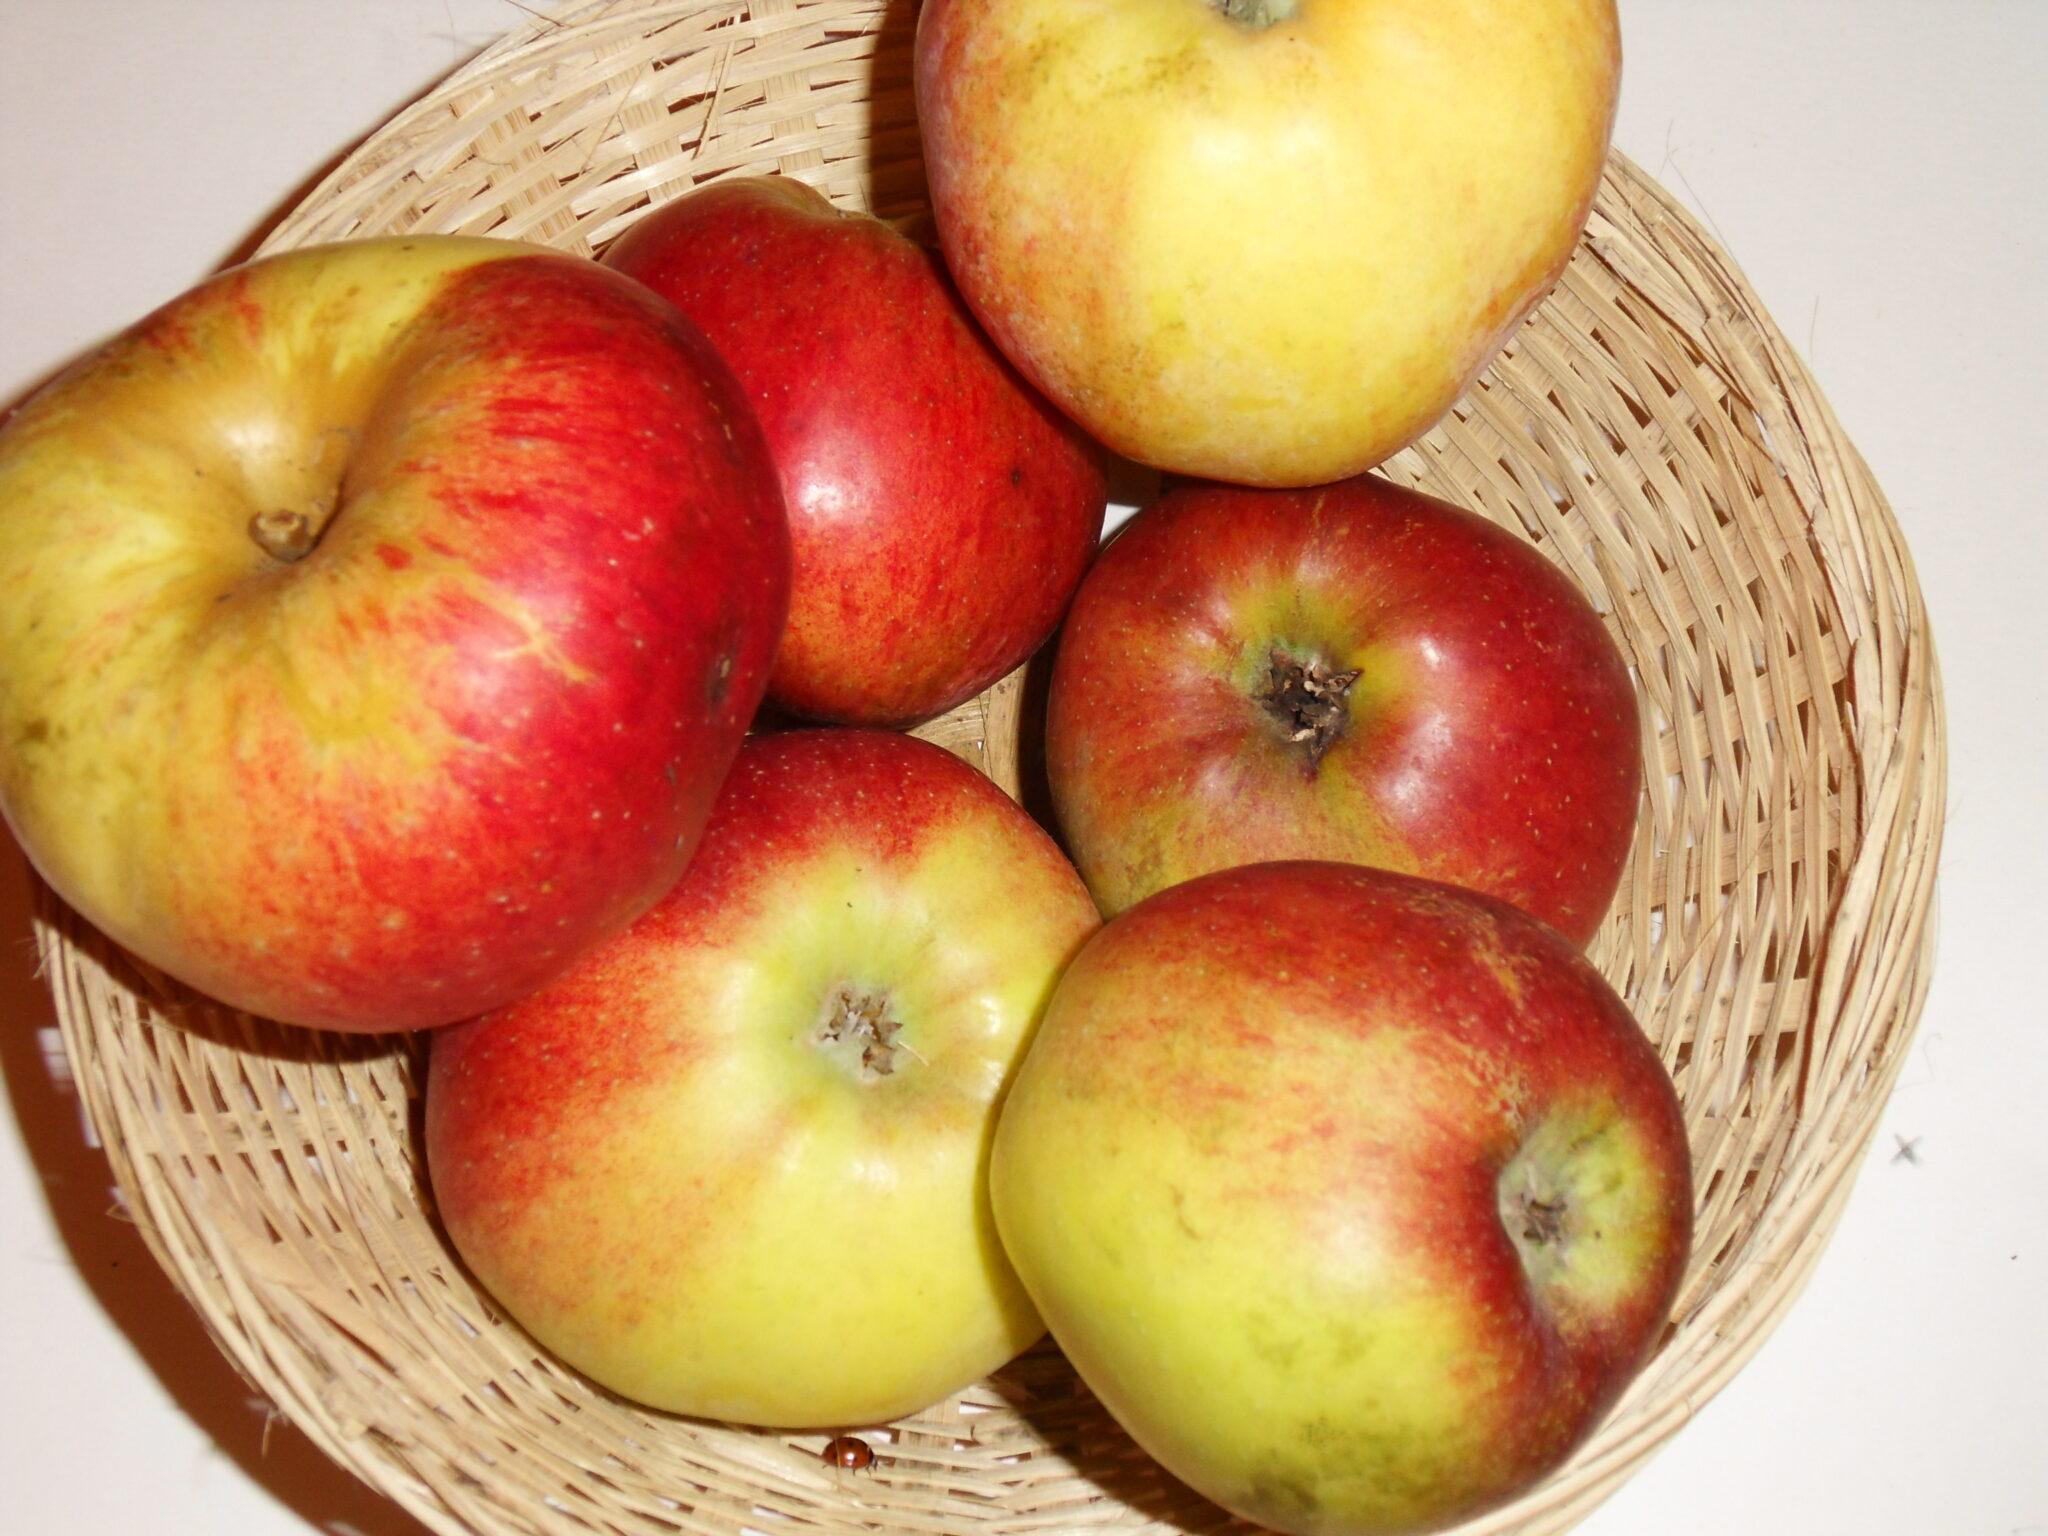 Double Bon Pommier 1 (fruit).